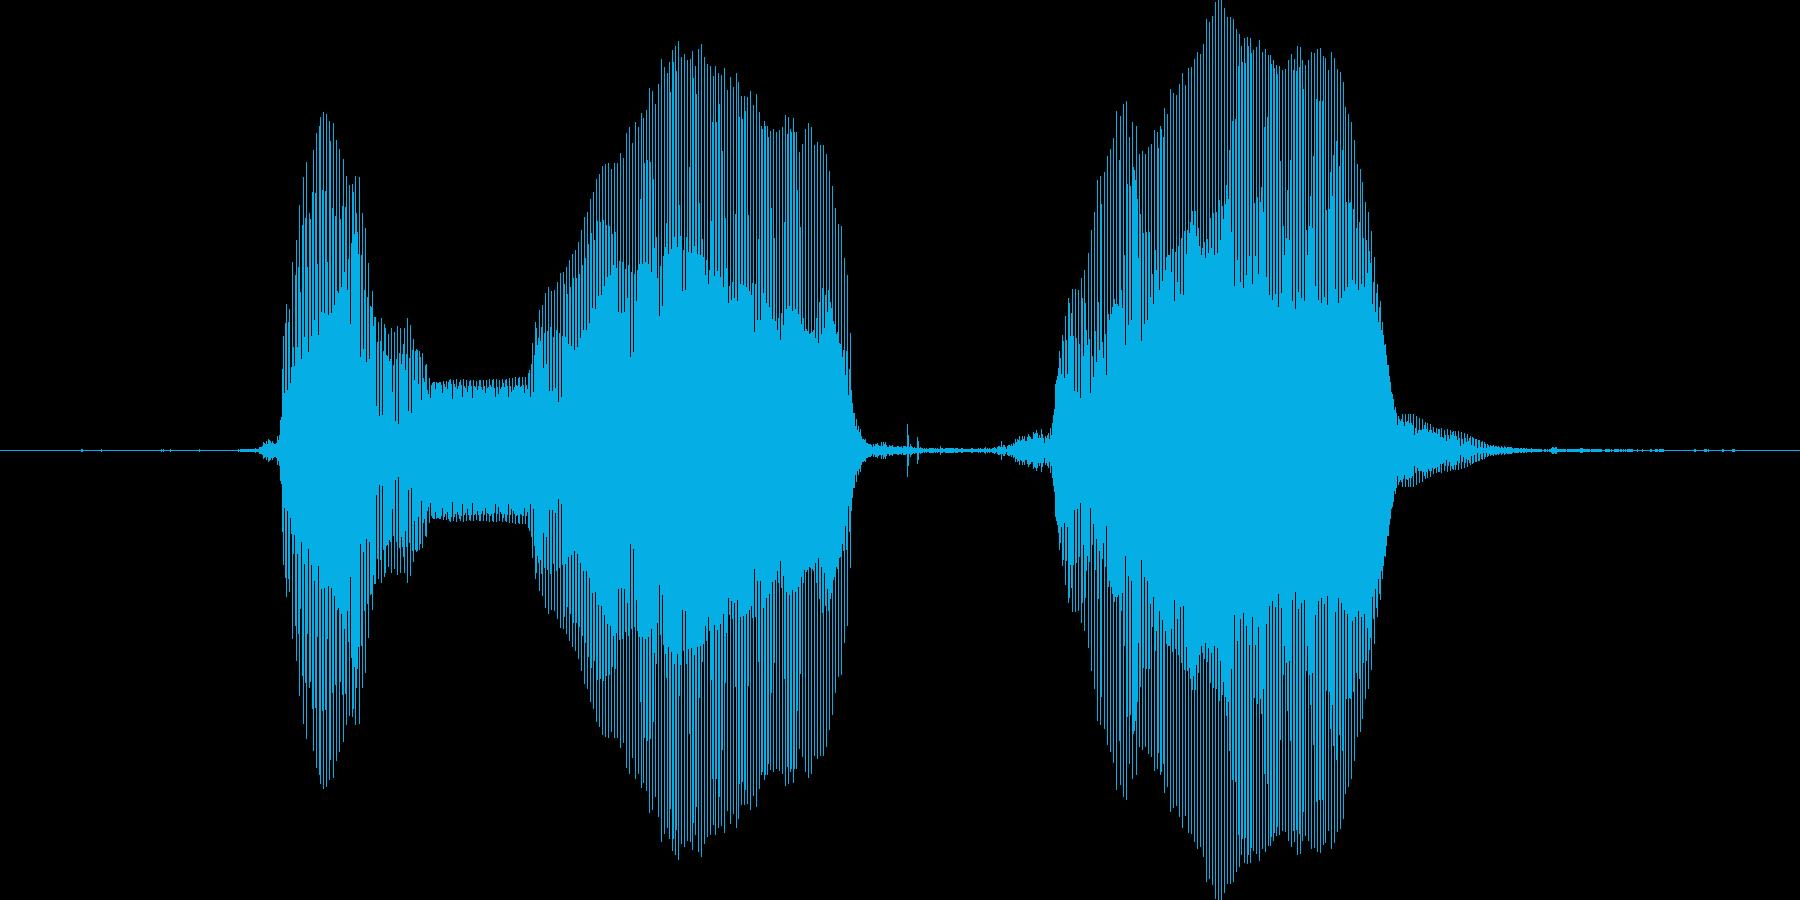 おねえちゃん♪の再生済みの波形